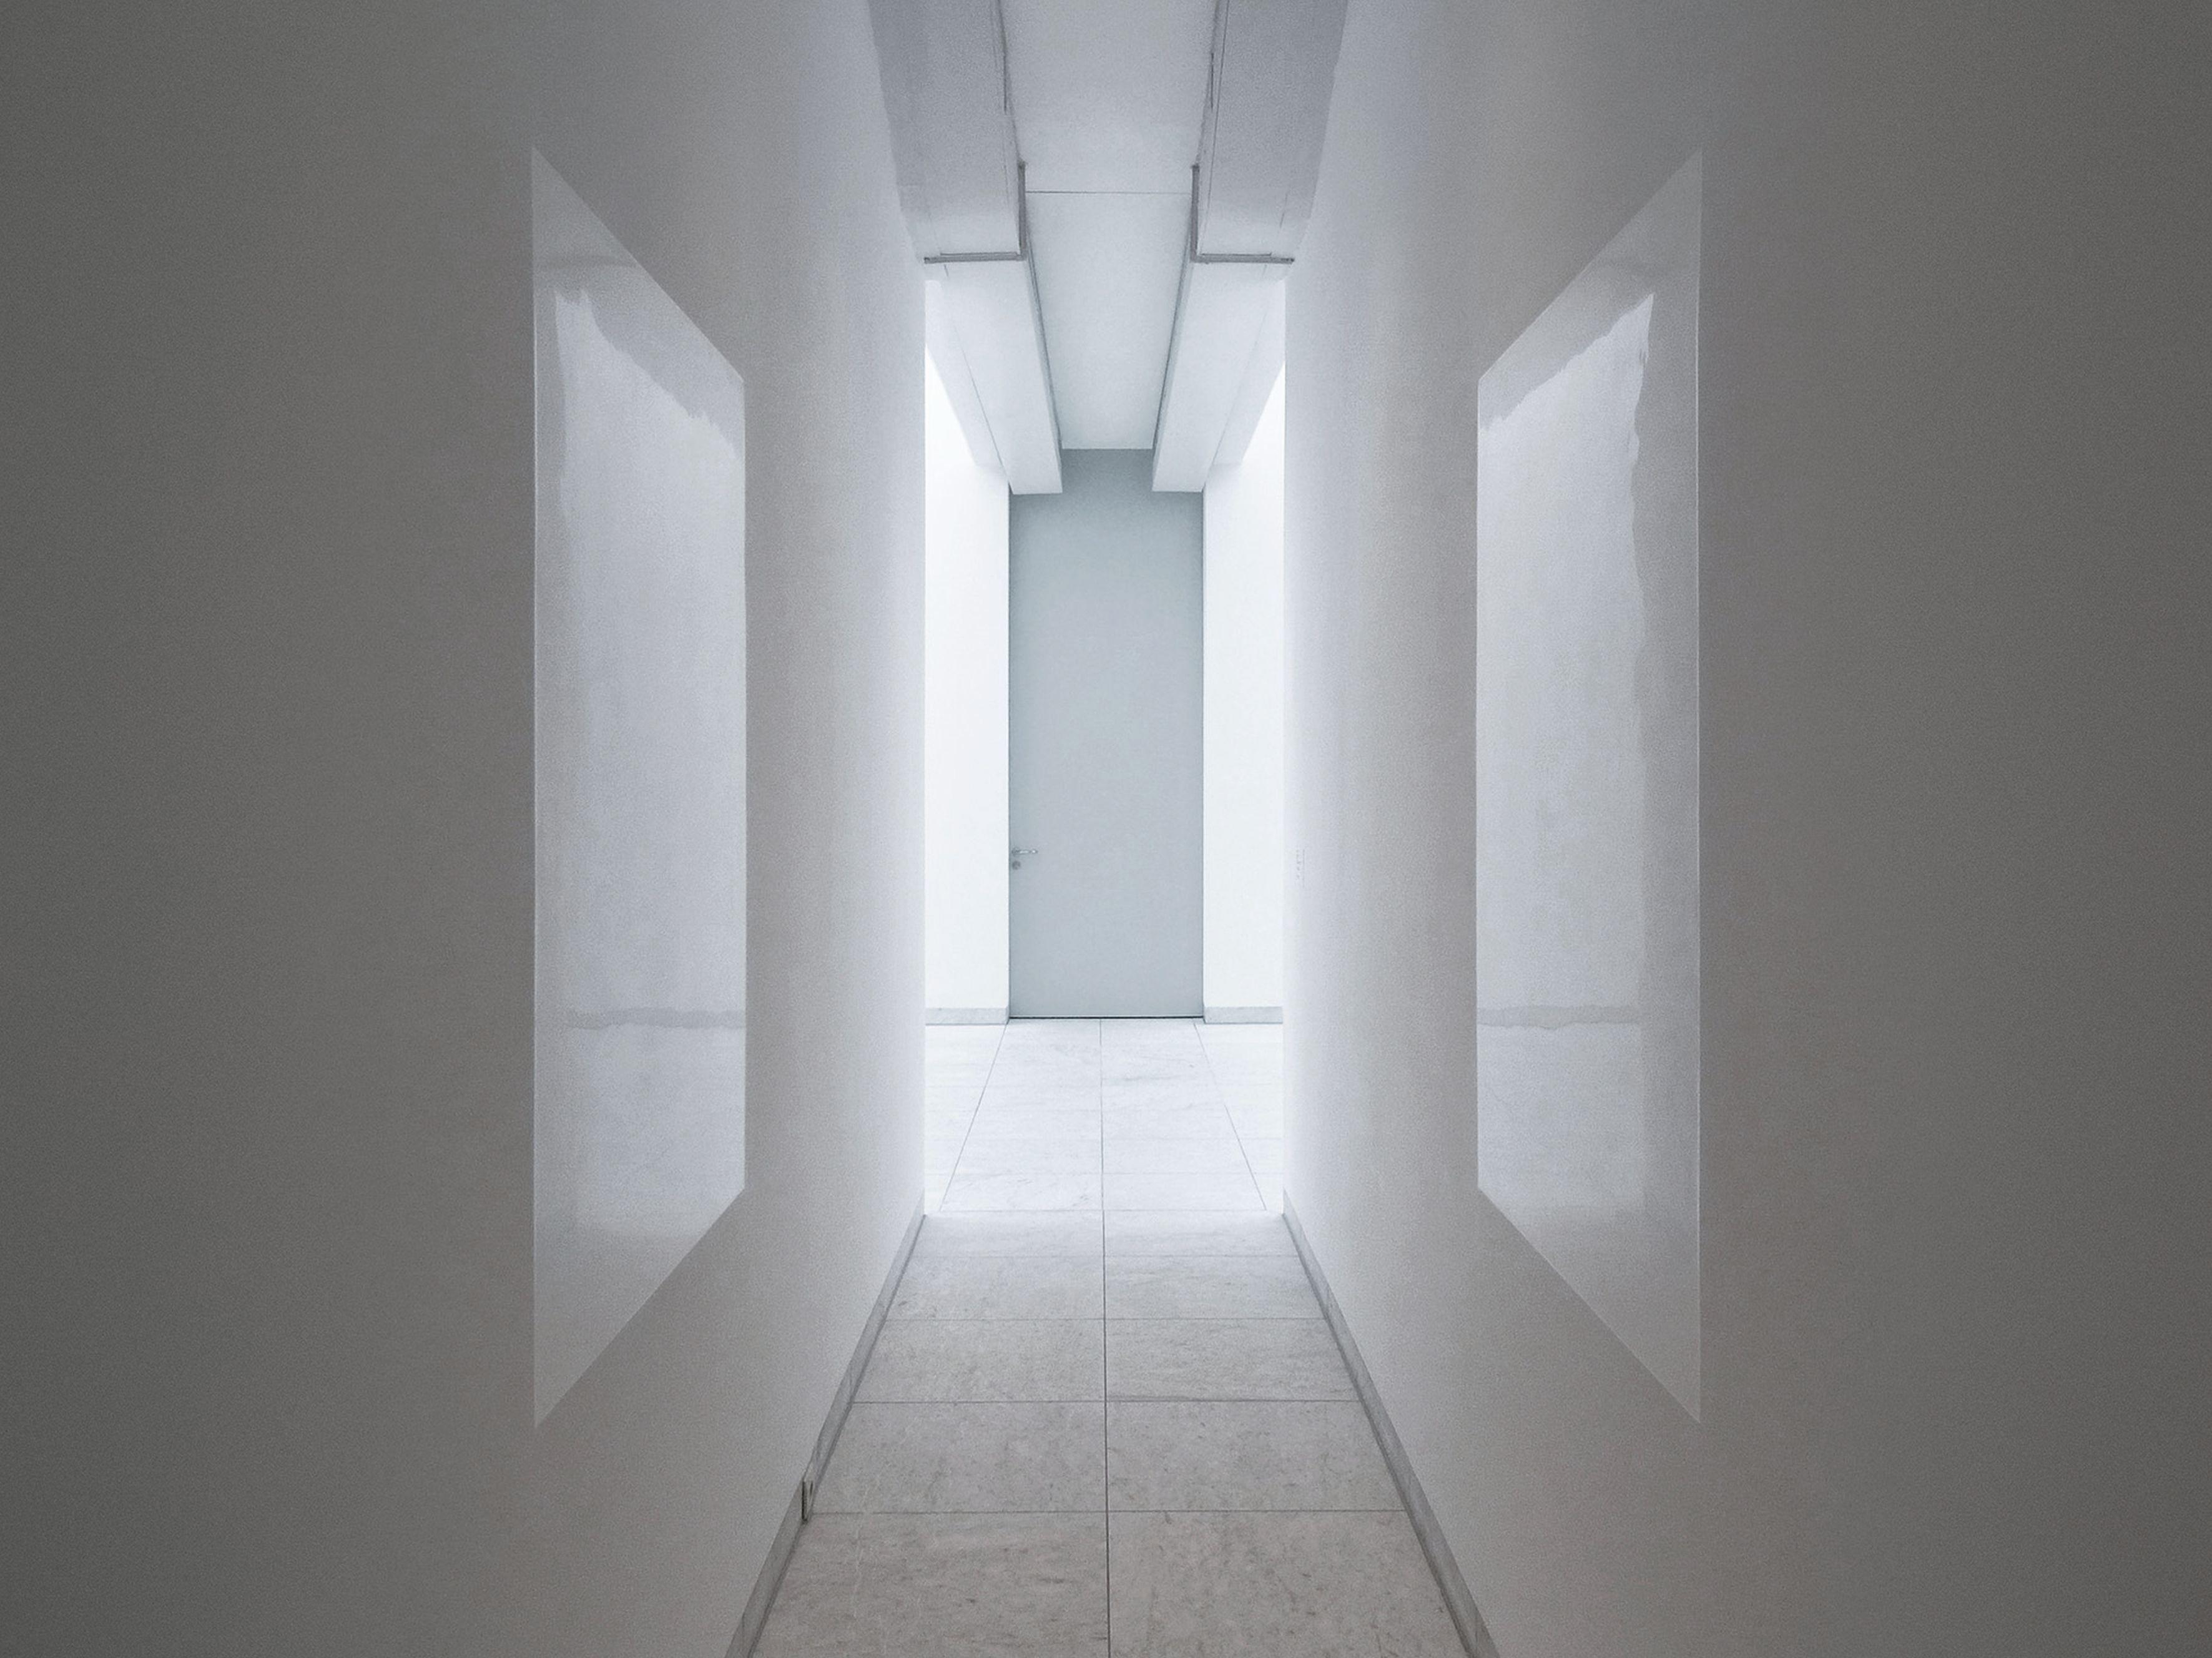 Karin Sander, Wandstück, 1992, Wandfarbe, poliert 150 x 100 cm, Städtisches Museum Abteiberg, Mönchengladbach, permanente Installation, Foto: Werner Hannappel © Karin Sander, VG Bild-Kunst Bonn, 2021